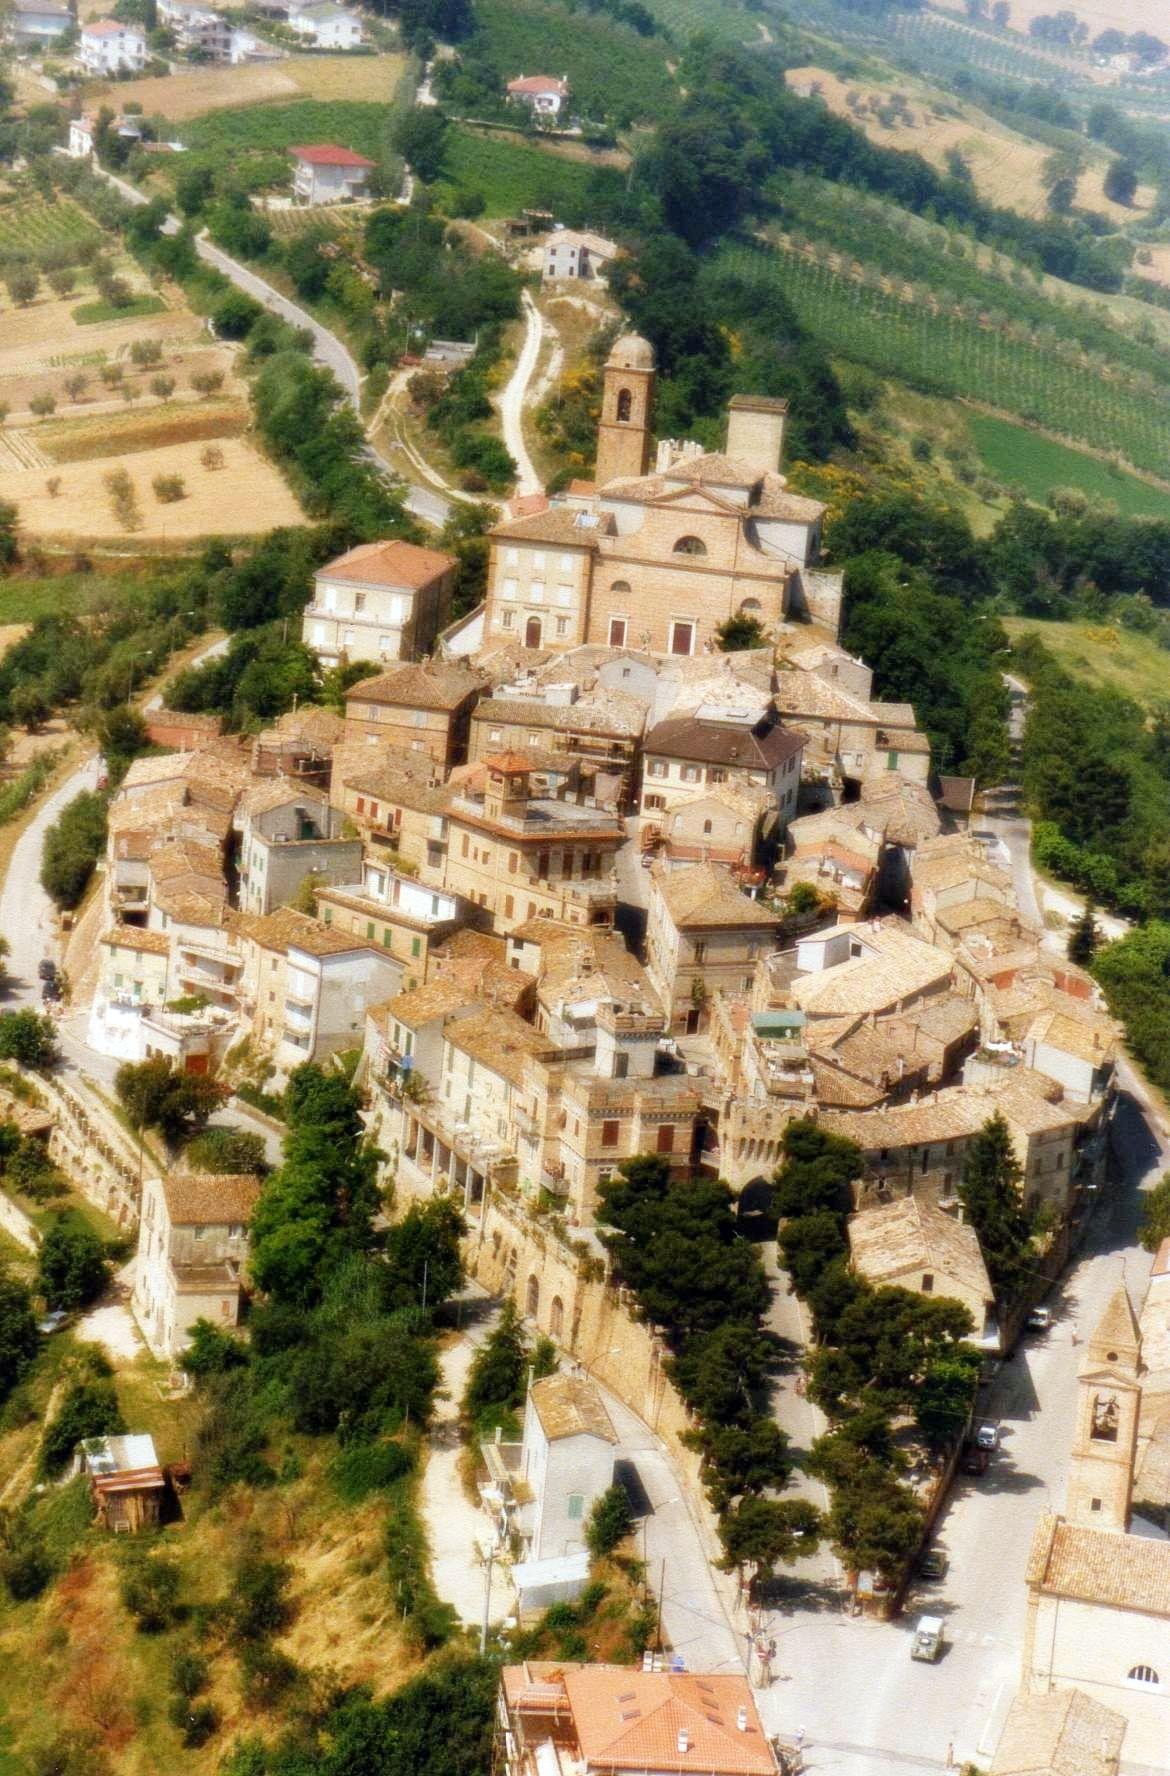 CAMPOFILONE - Panorama dall'alto (Fermo-Marche)